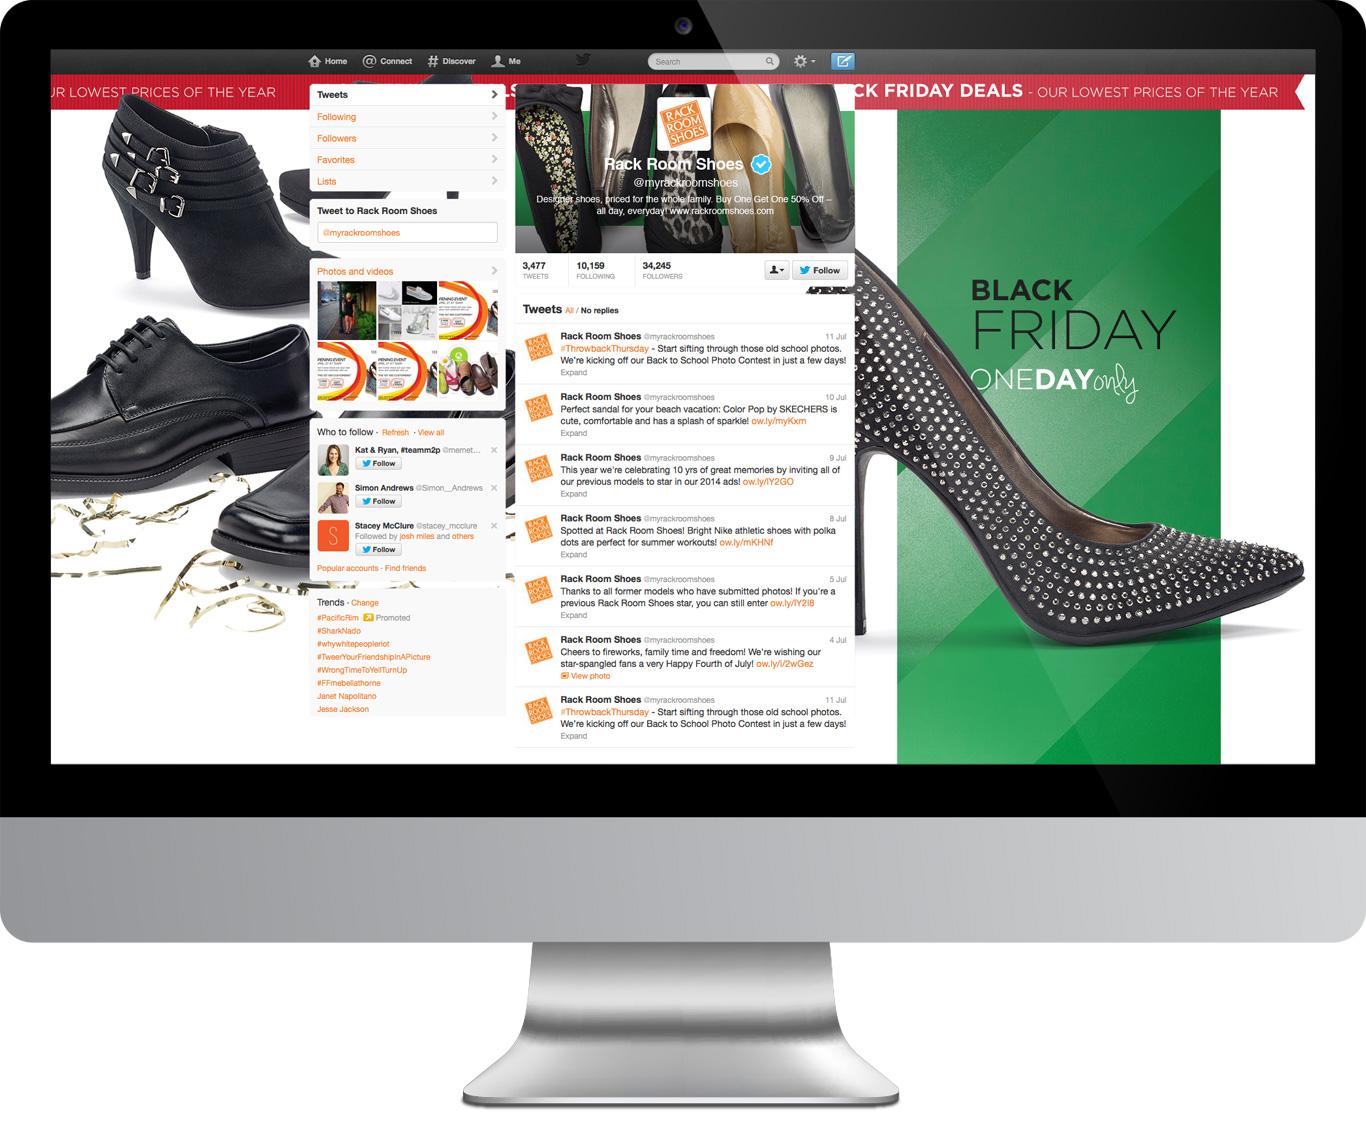 Black sandals rack room shoes - Black Sandals Rack Room Shoes Rack Room Shoes Twitter Design Jpg Download